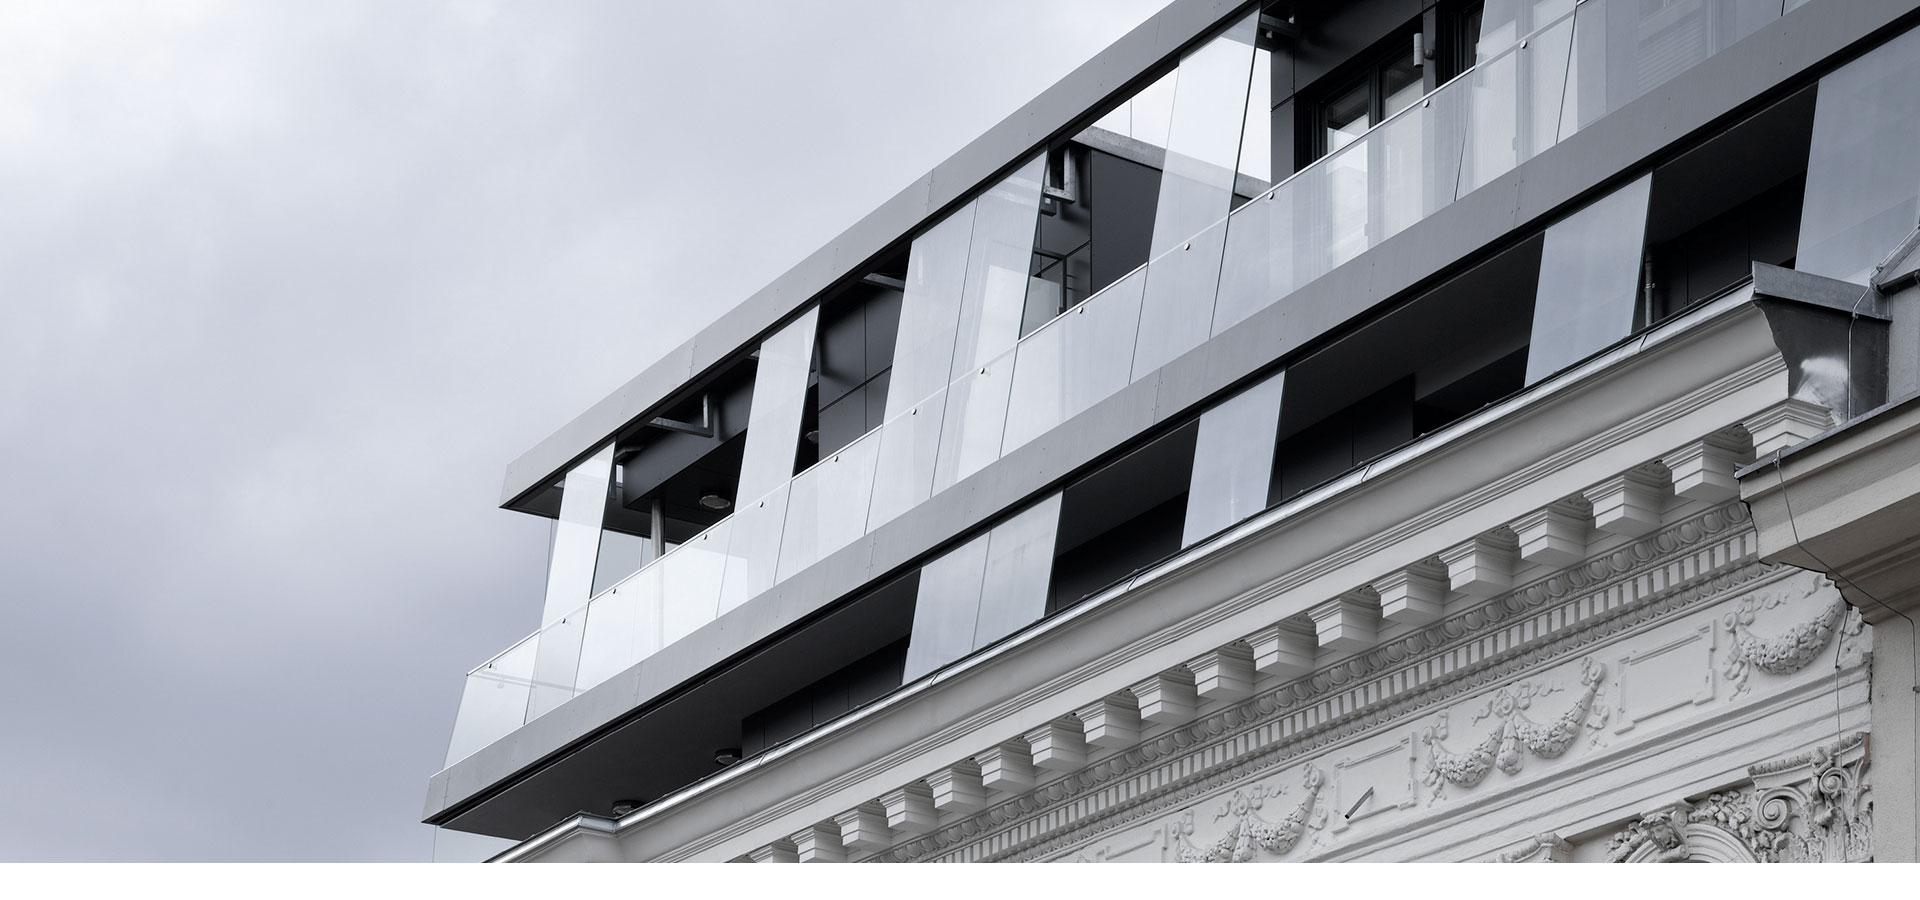 AVEST - Immobilie in der Börsegasse 10, 1010 Wien. Dachgeschoßausbau mit Terrassen auf 2 Ebenen und Neufundierung des gesamten Hauses.